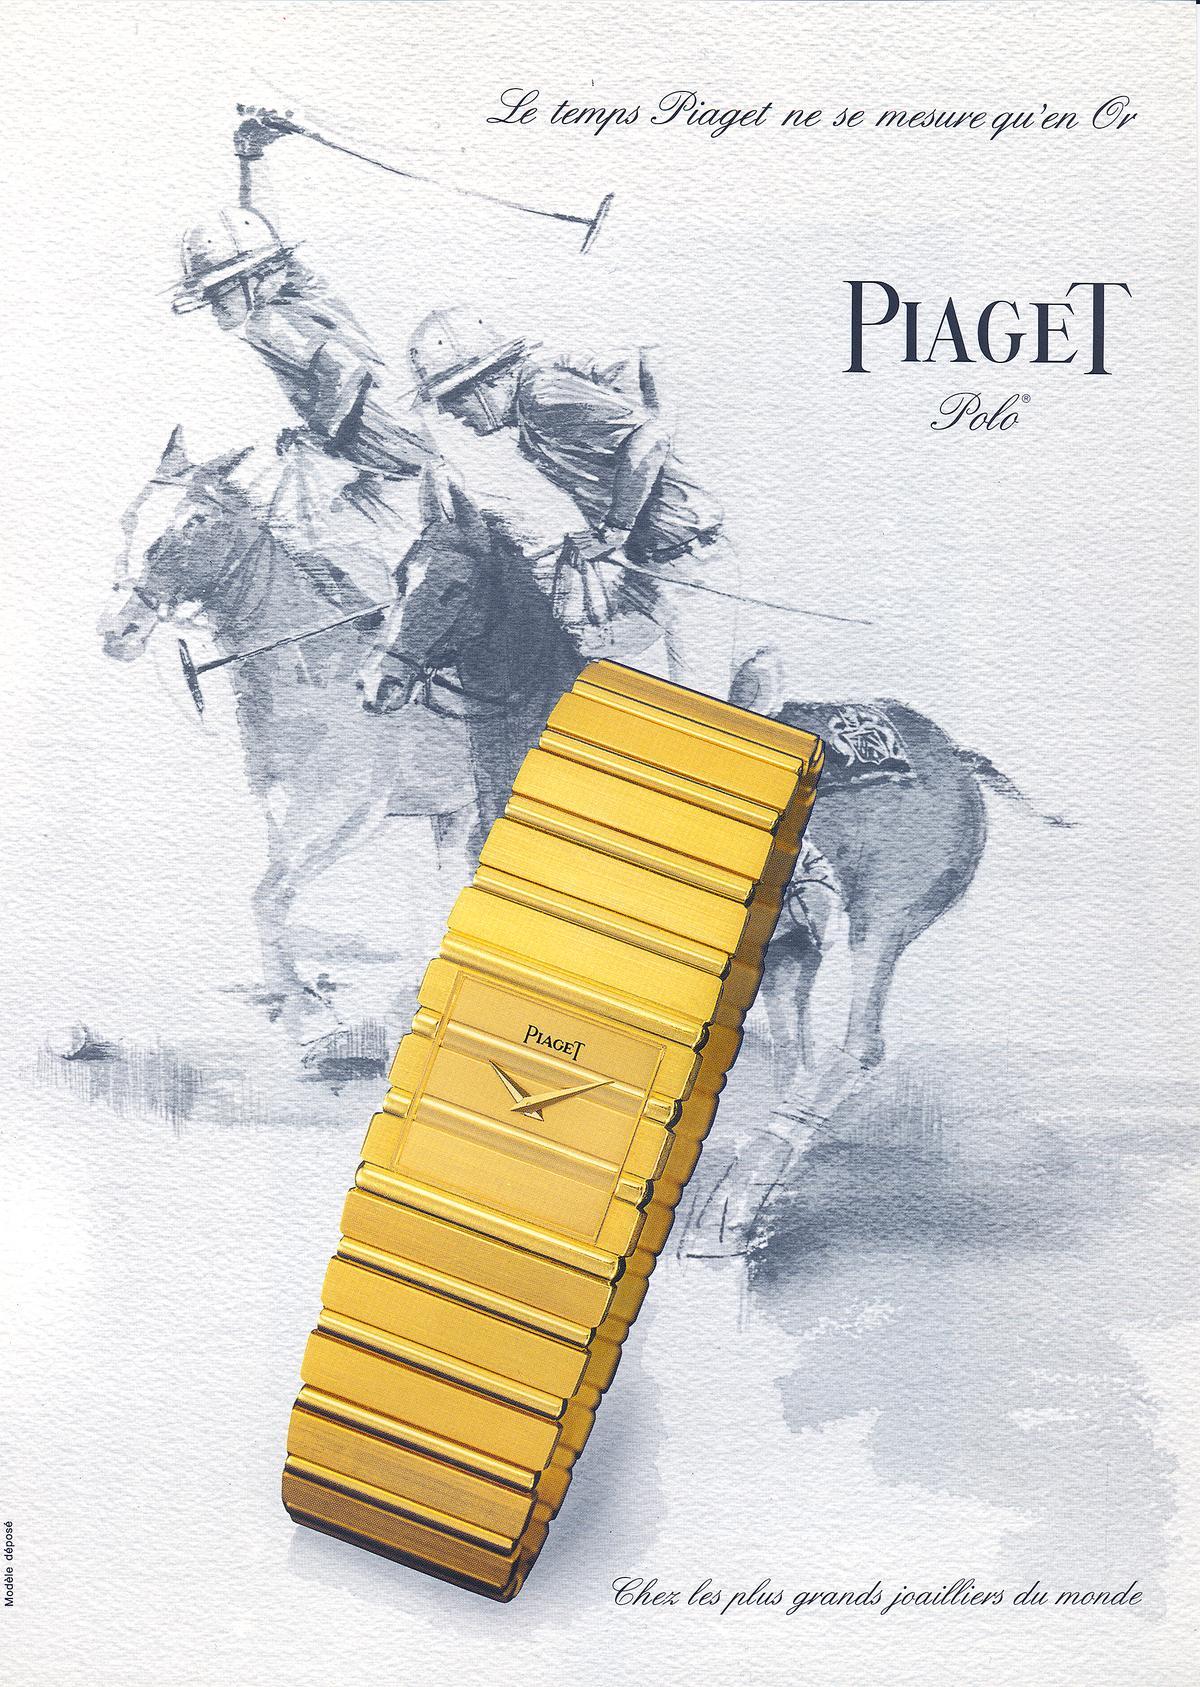 伯爵的POLO系列源自於1979年當時的總裁Yves G. Piaget對於馬匹的深厚情感,同時也希望打造出一款更有時尚感的高階運動腕錶。